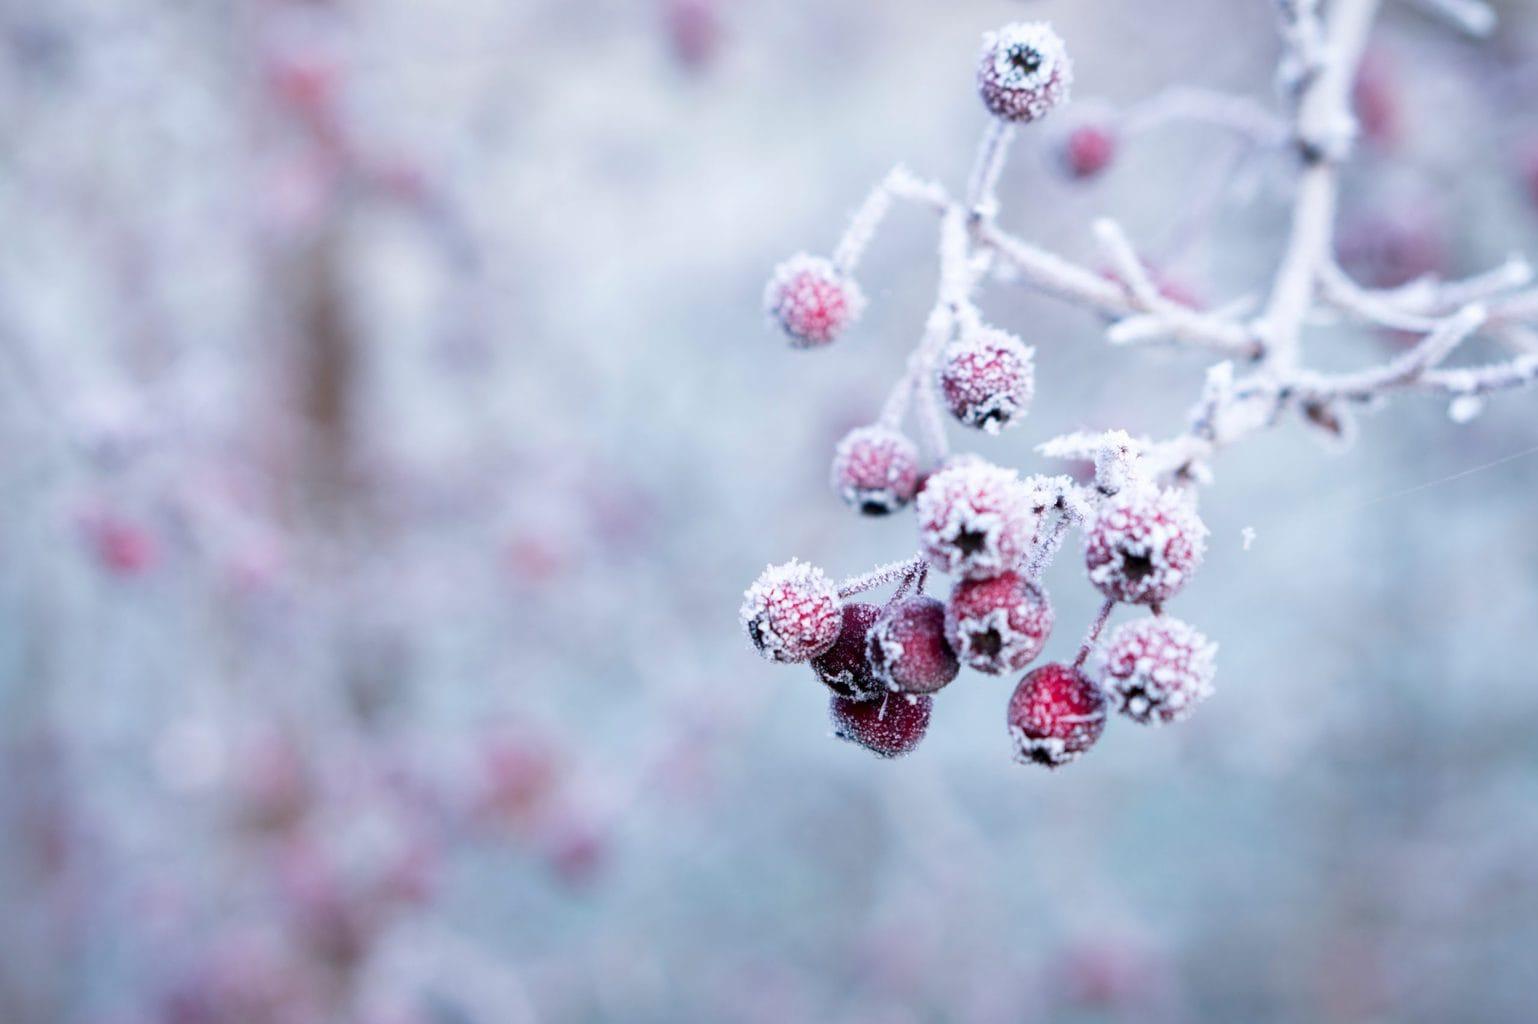 Bevroren bessen ergens in de Zuid-Duitse winter